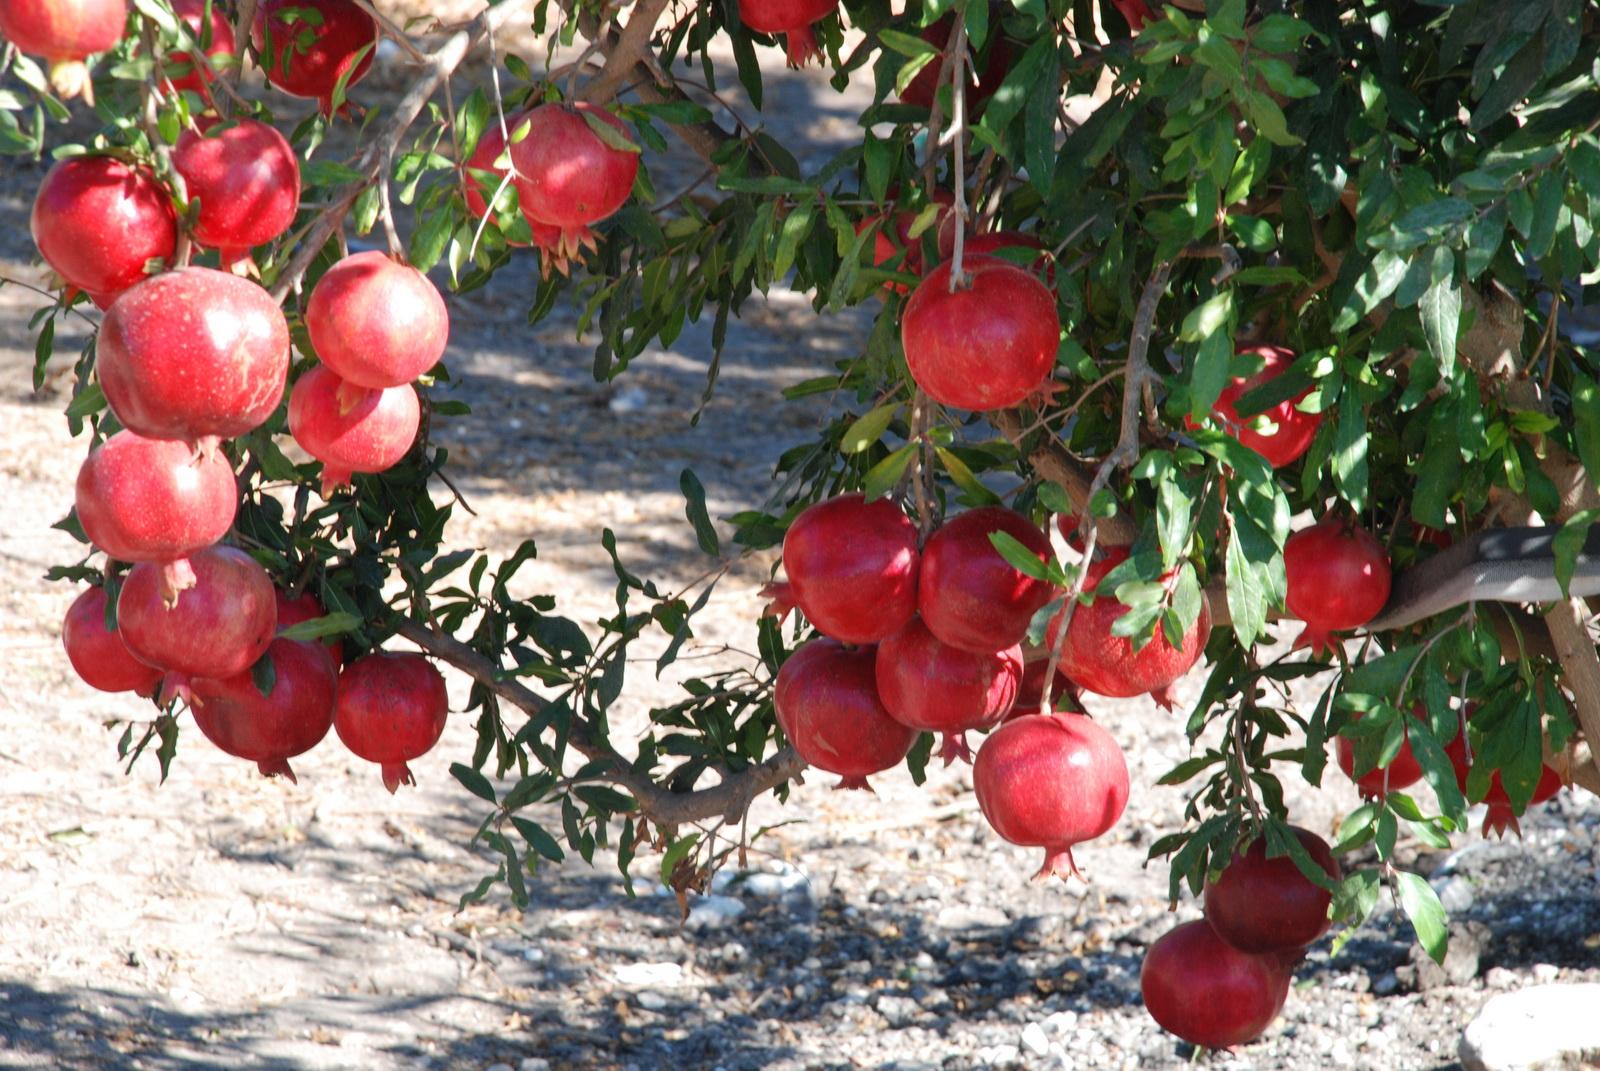 רימון - עץ עמוס פרי